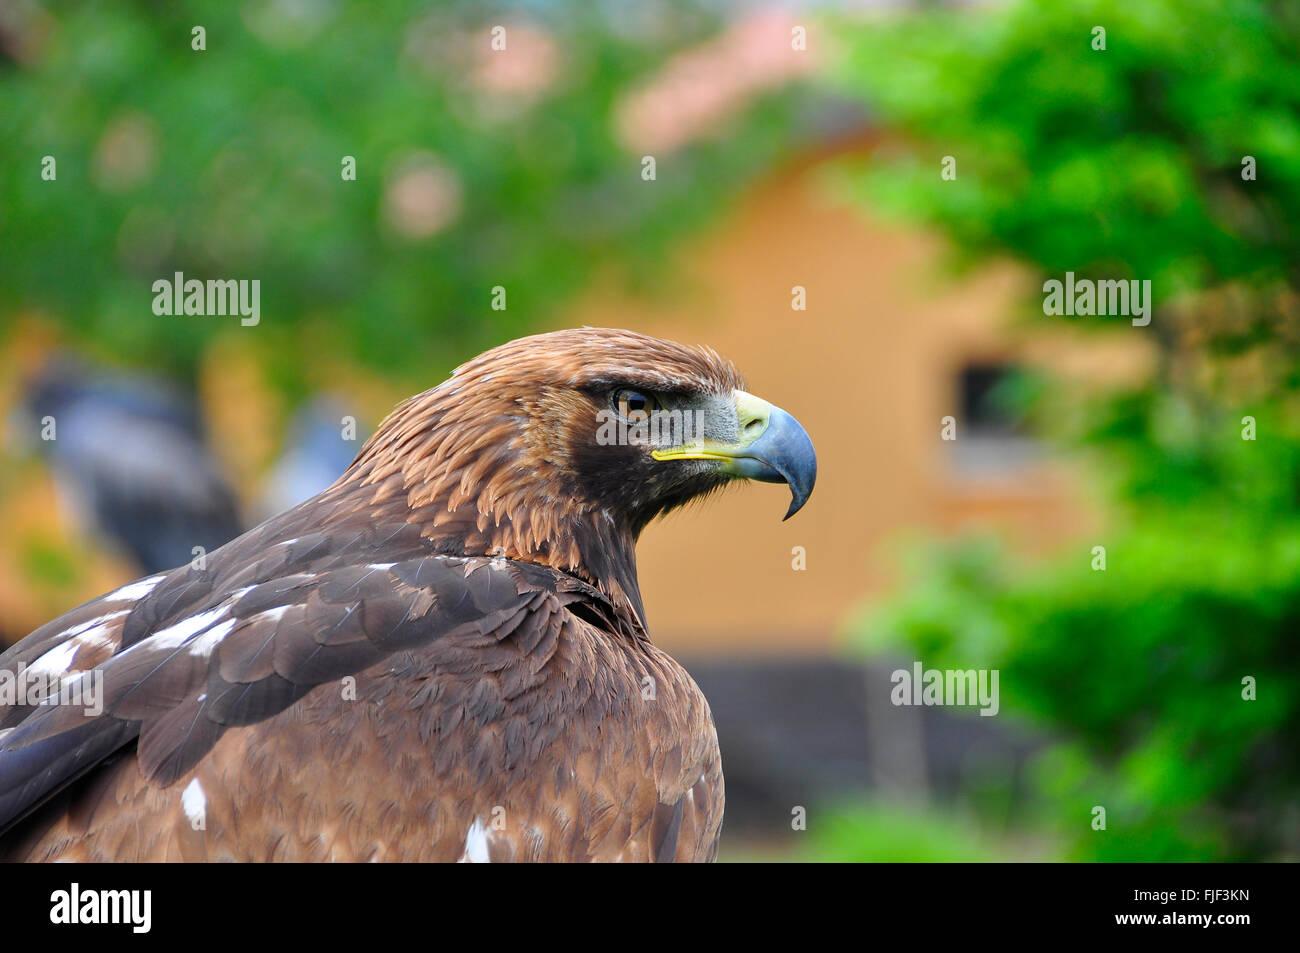 Schöne Falke starrte auf die Kamera in einer Ausstellung der Falknerei Stockbild